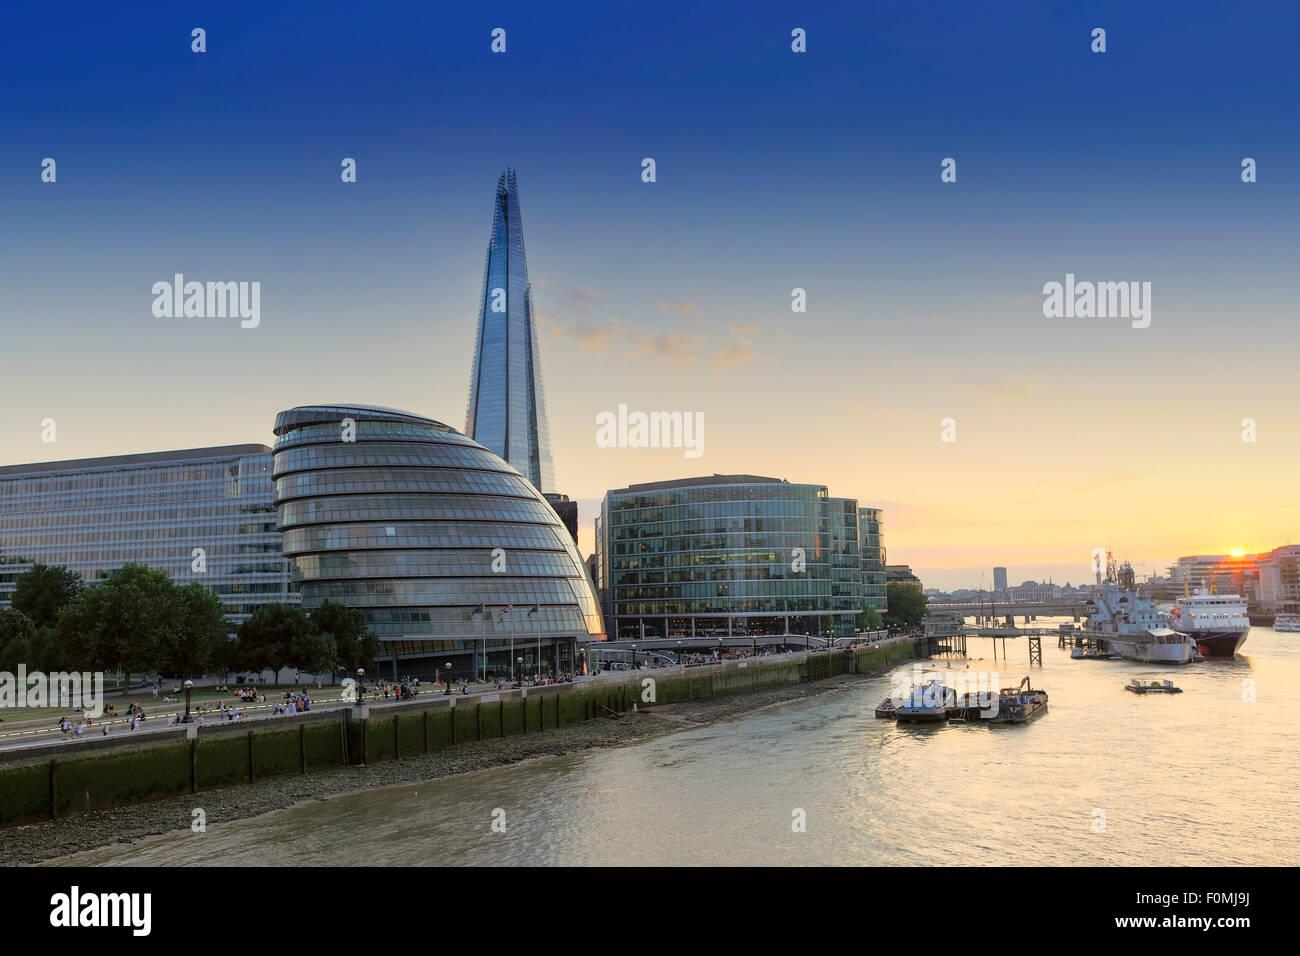 Le fragment, de l'Hôtel de Ville (siège du maire de Londres) et la rivière Thames à London Photo Stock